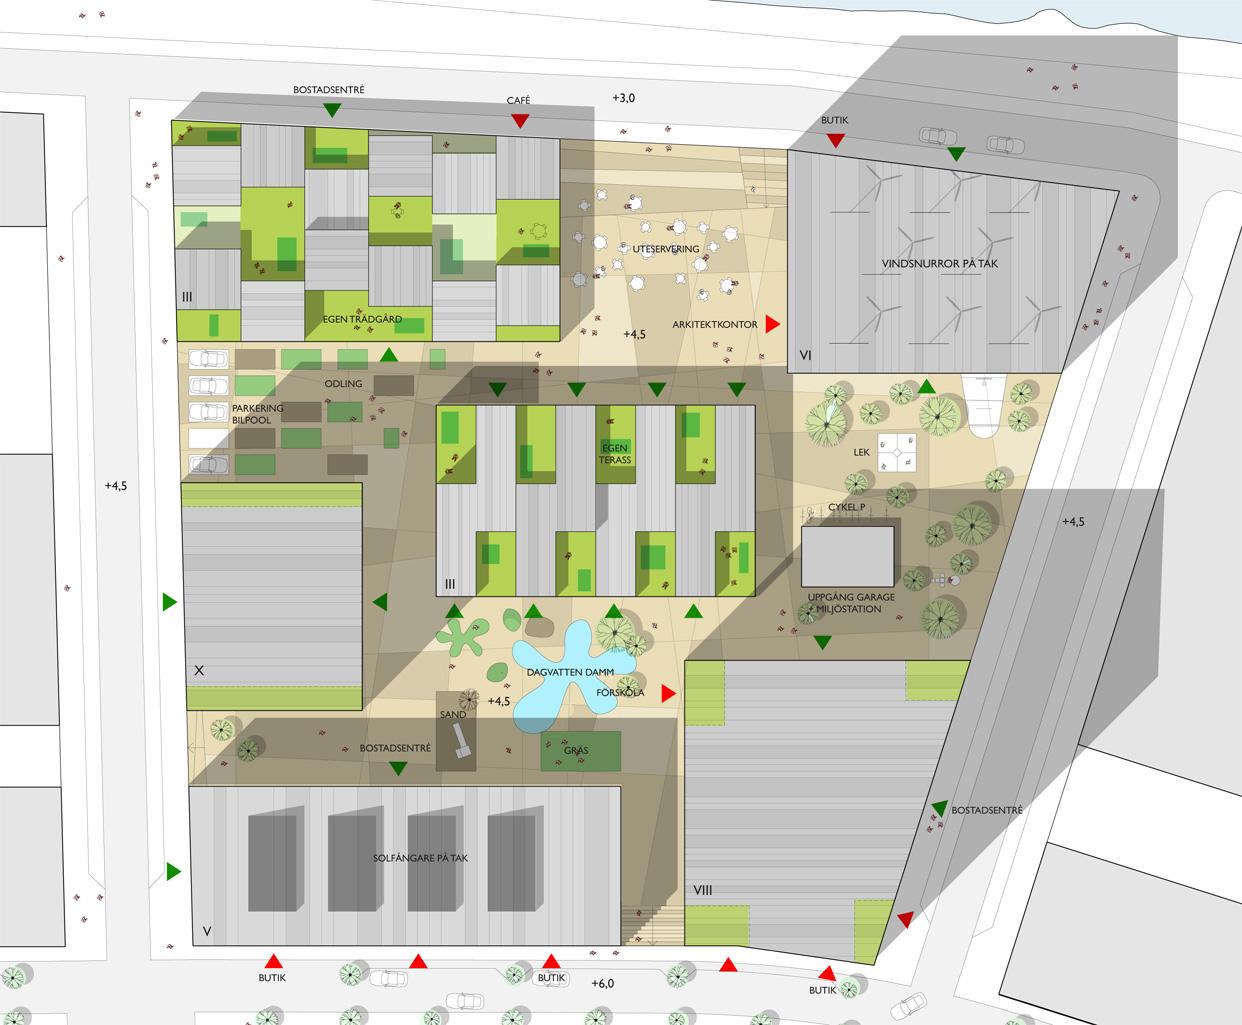 Norra_Djurgardsstaden_ropsten_stockholm_bostader_plan_varg_arkitekter